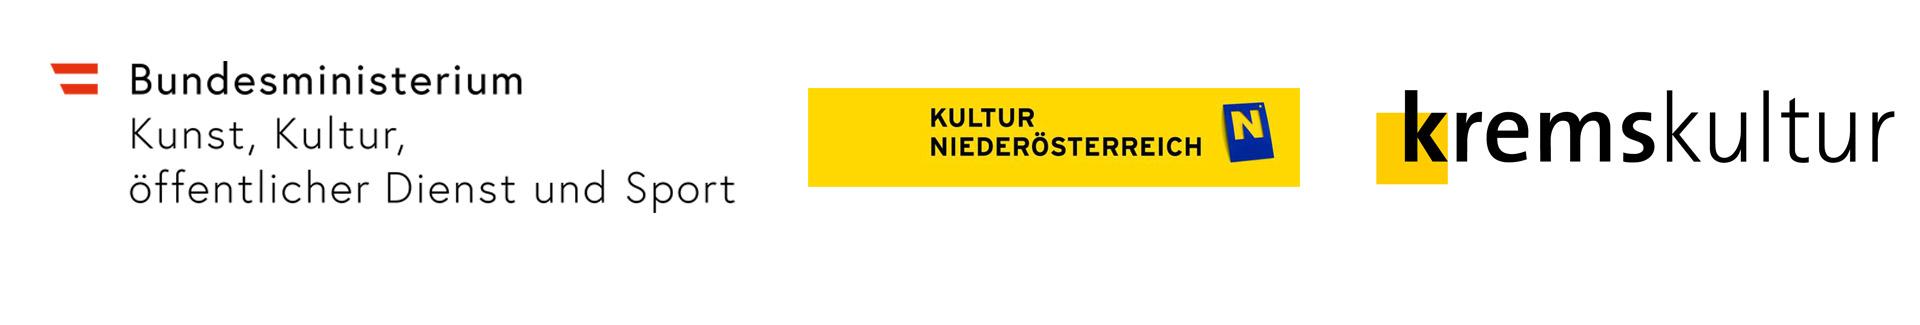 Logos Fördergeber